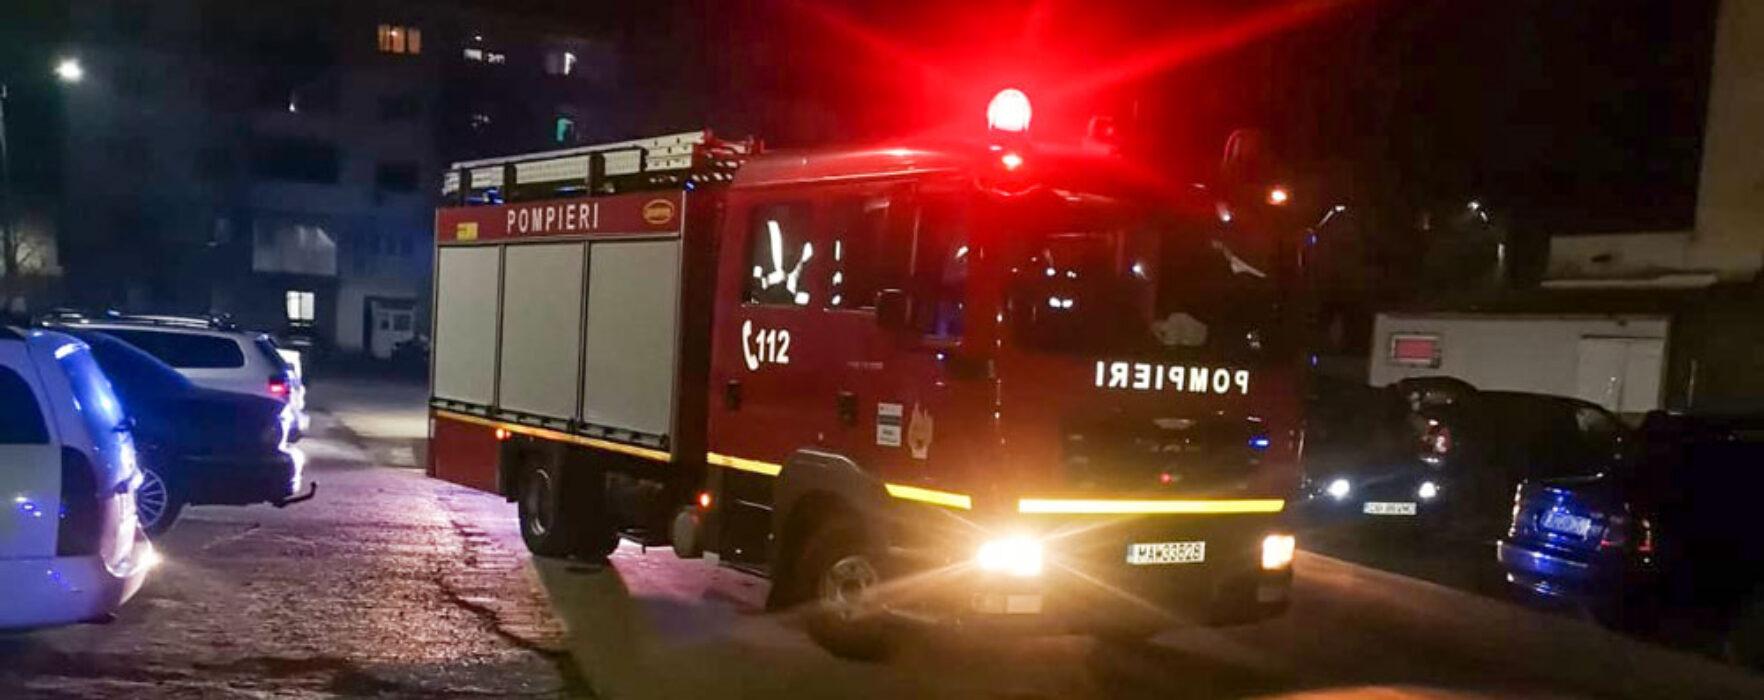 Dâmboviţa: Locatarii unui bloc din Găeşti, evacuaţi după ce s-a simţit miros de gaze